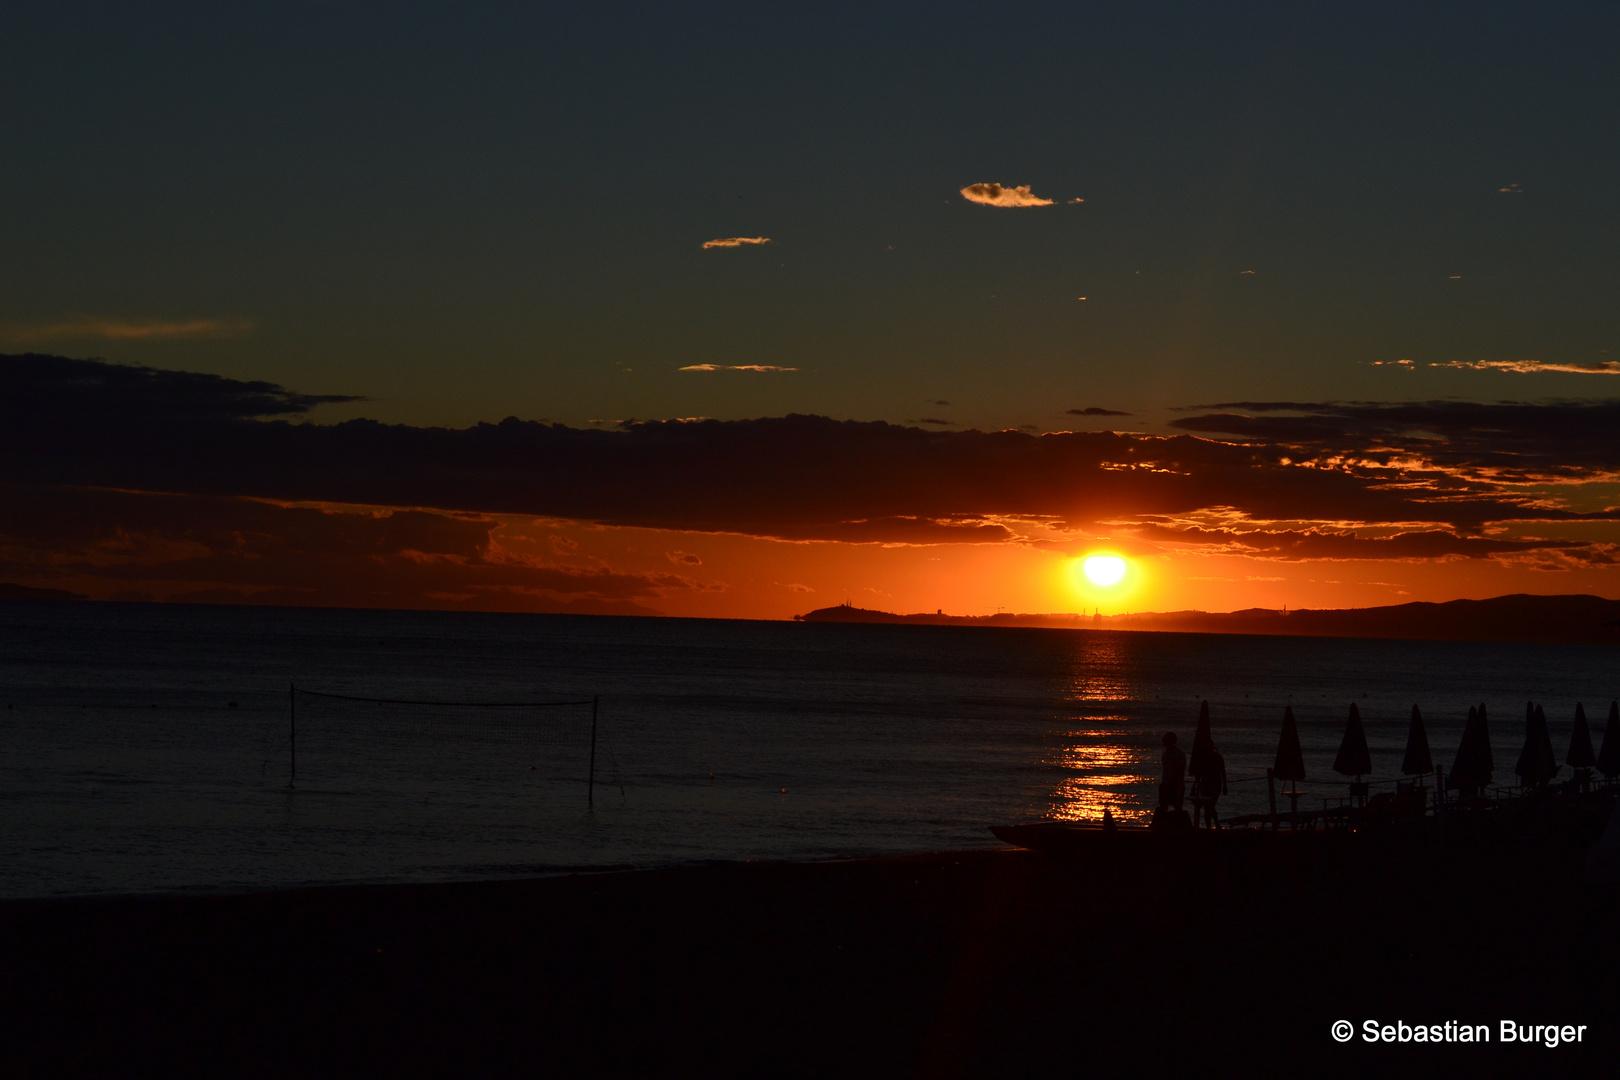 Sonnenuntergang Nr. 2 an der Küste von Follonica in der Toskana